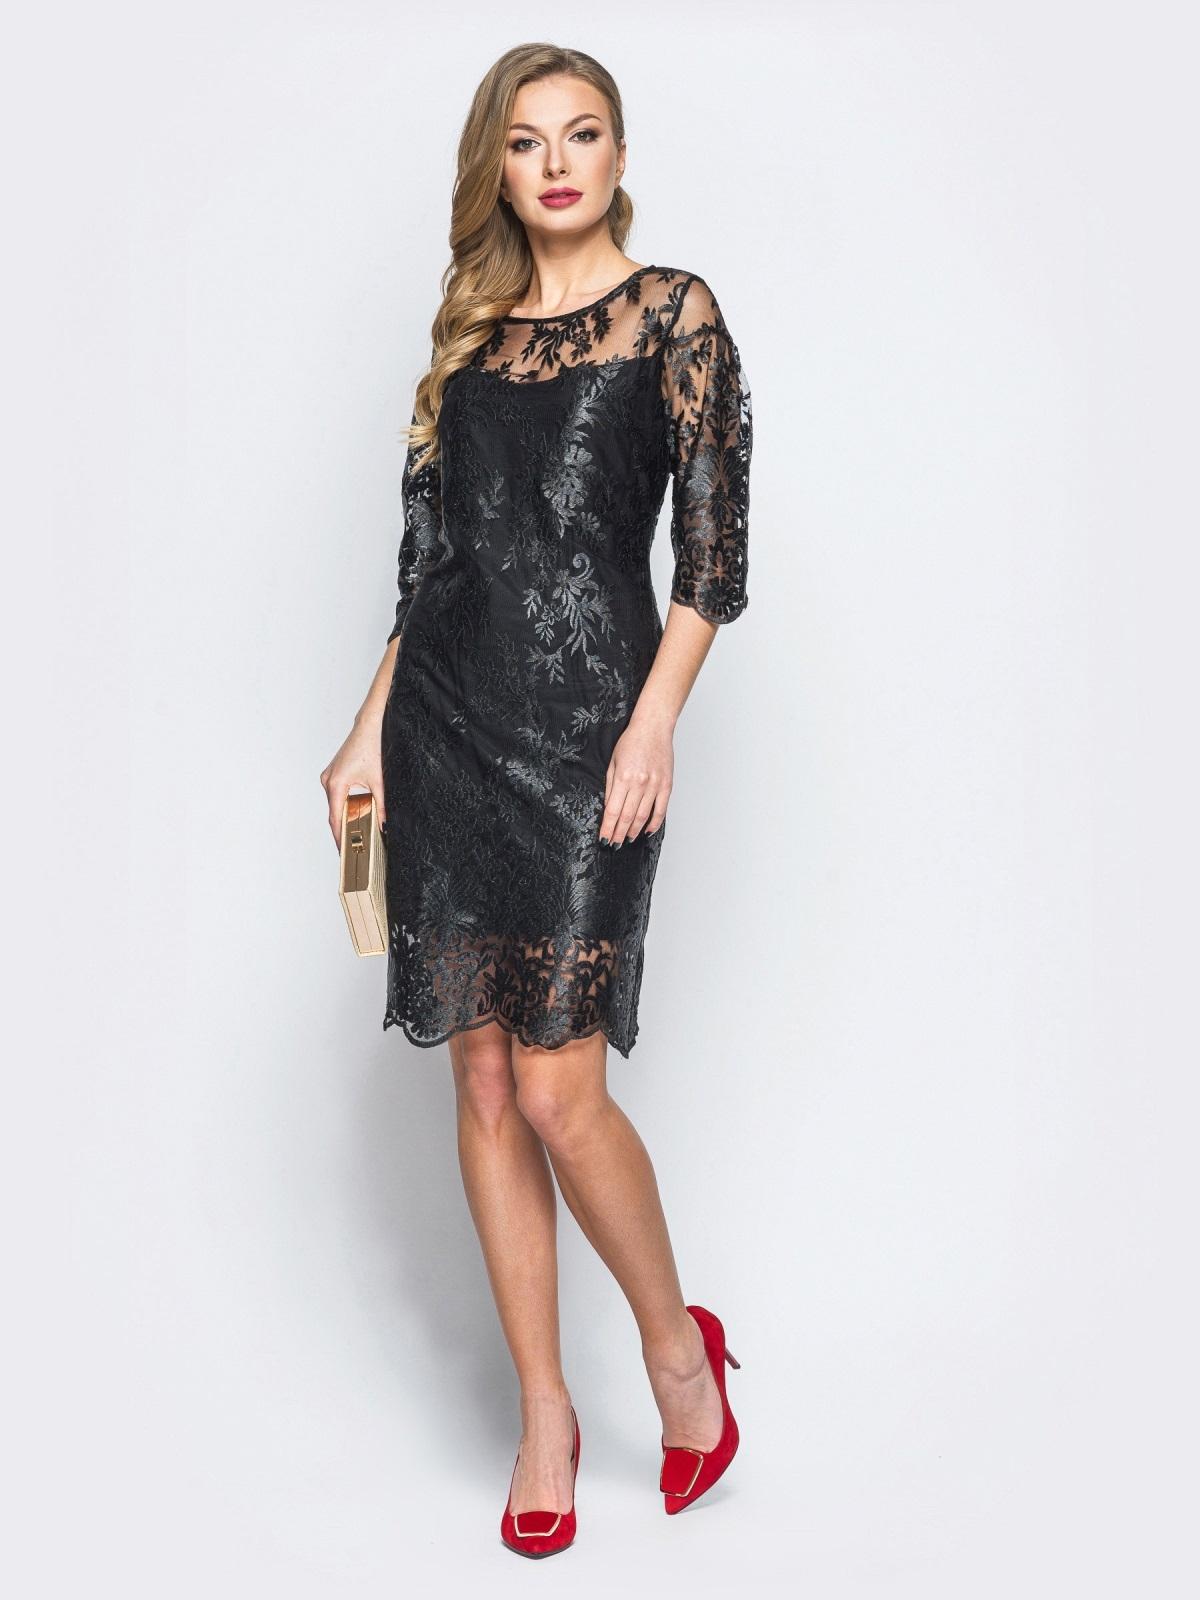 Гипюровое платье черного цвета с рукавами-воланами - 18132, фото 1 – интернет-магазин Dressa